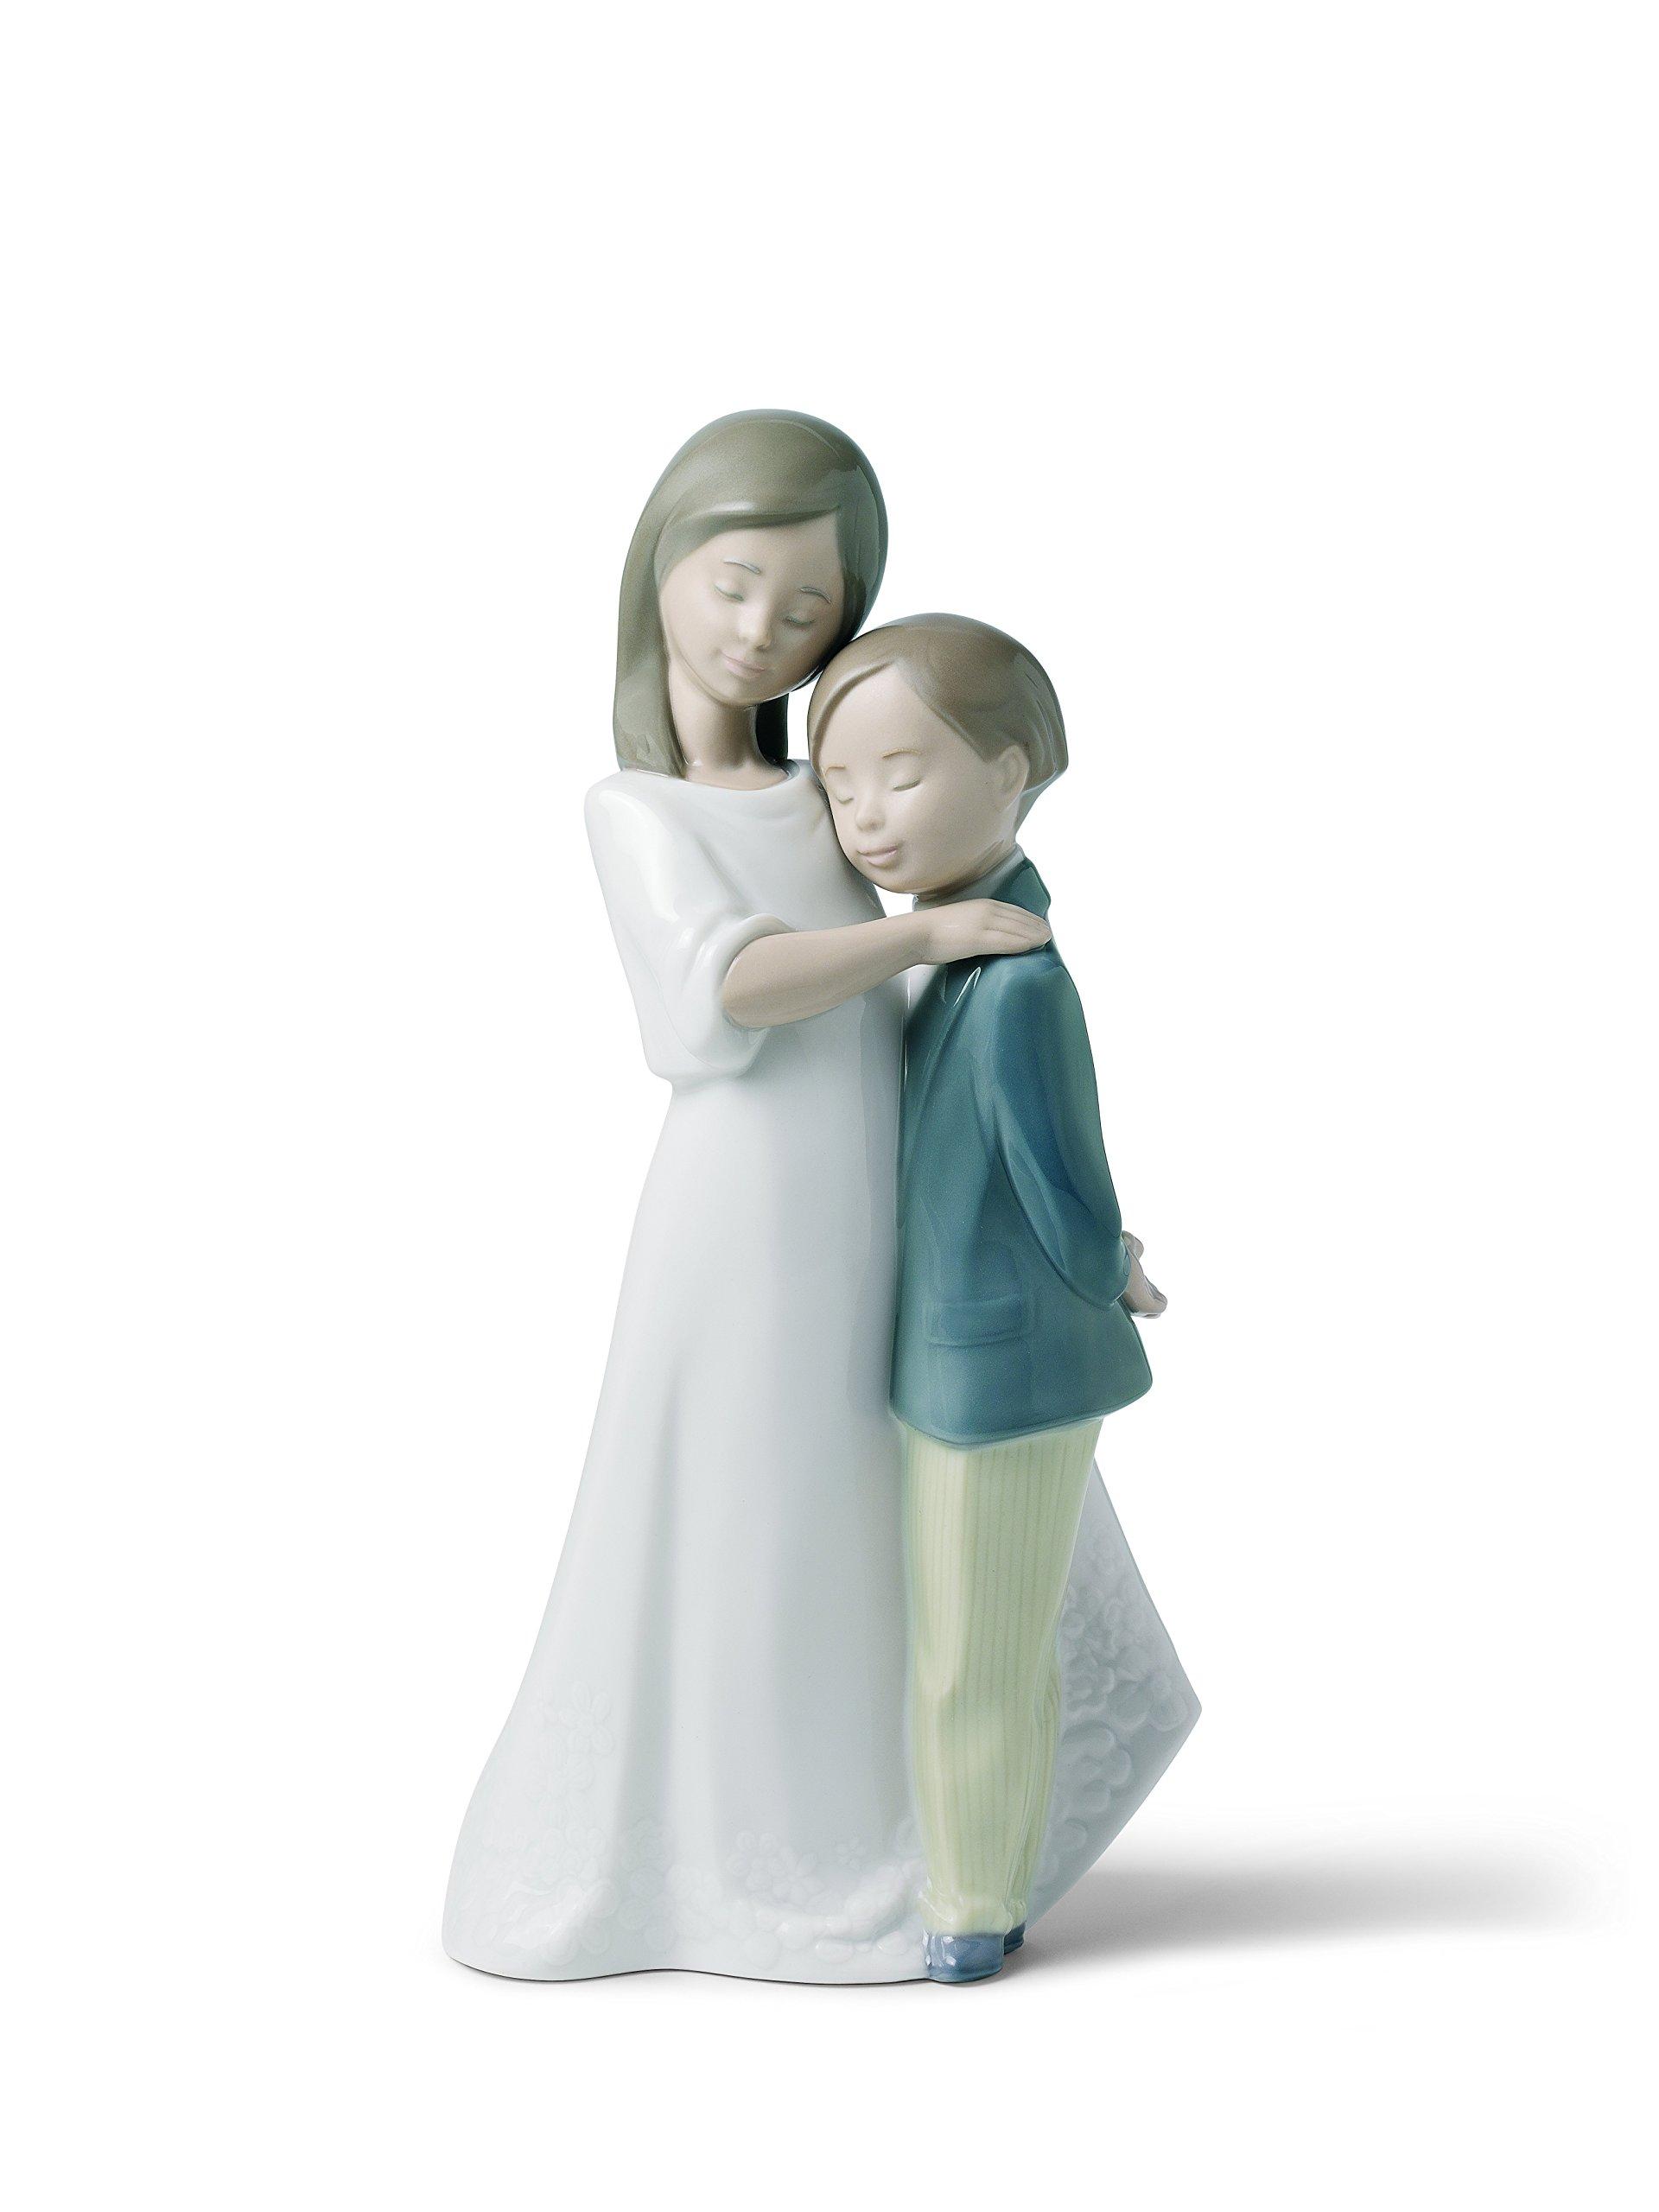 Nao 2001568.0 Sisterly Love